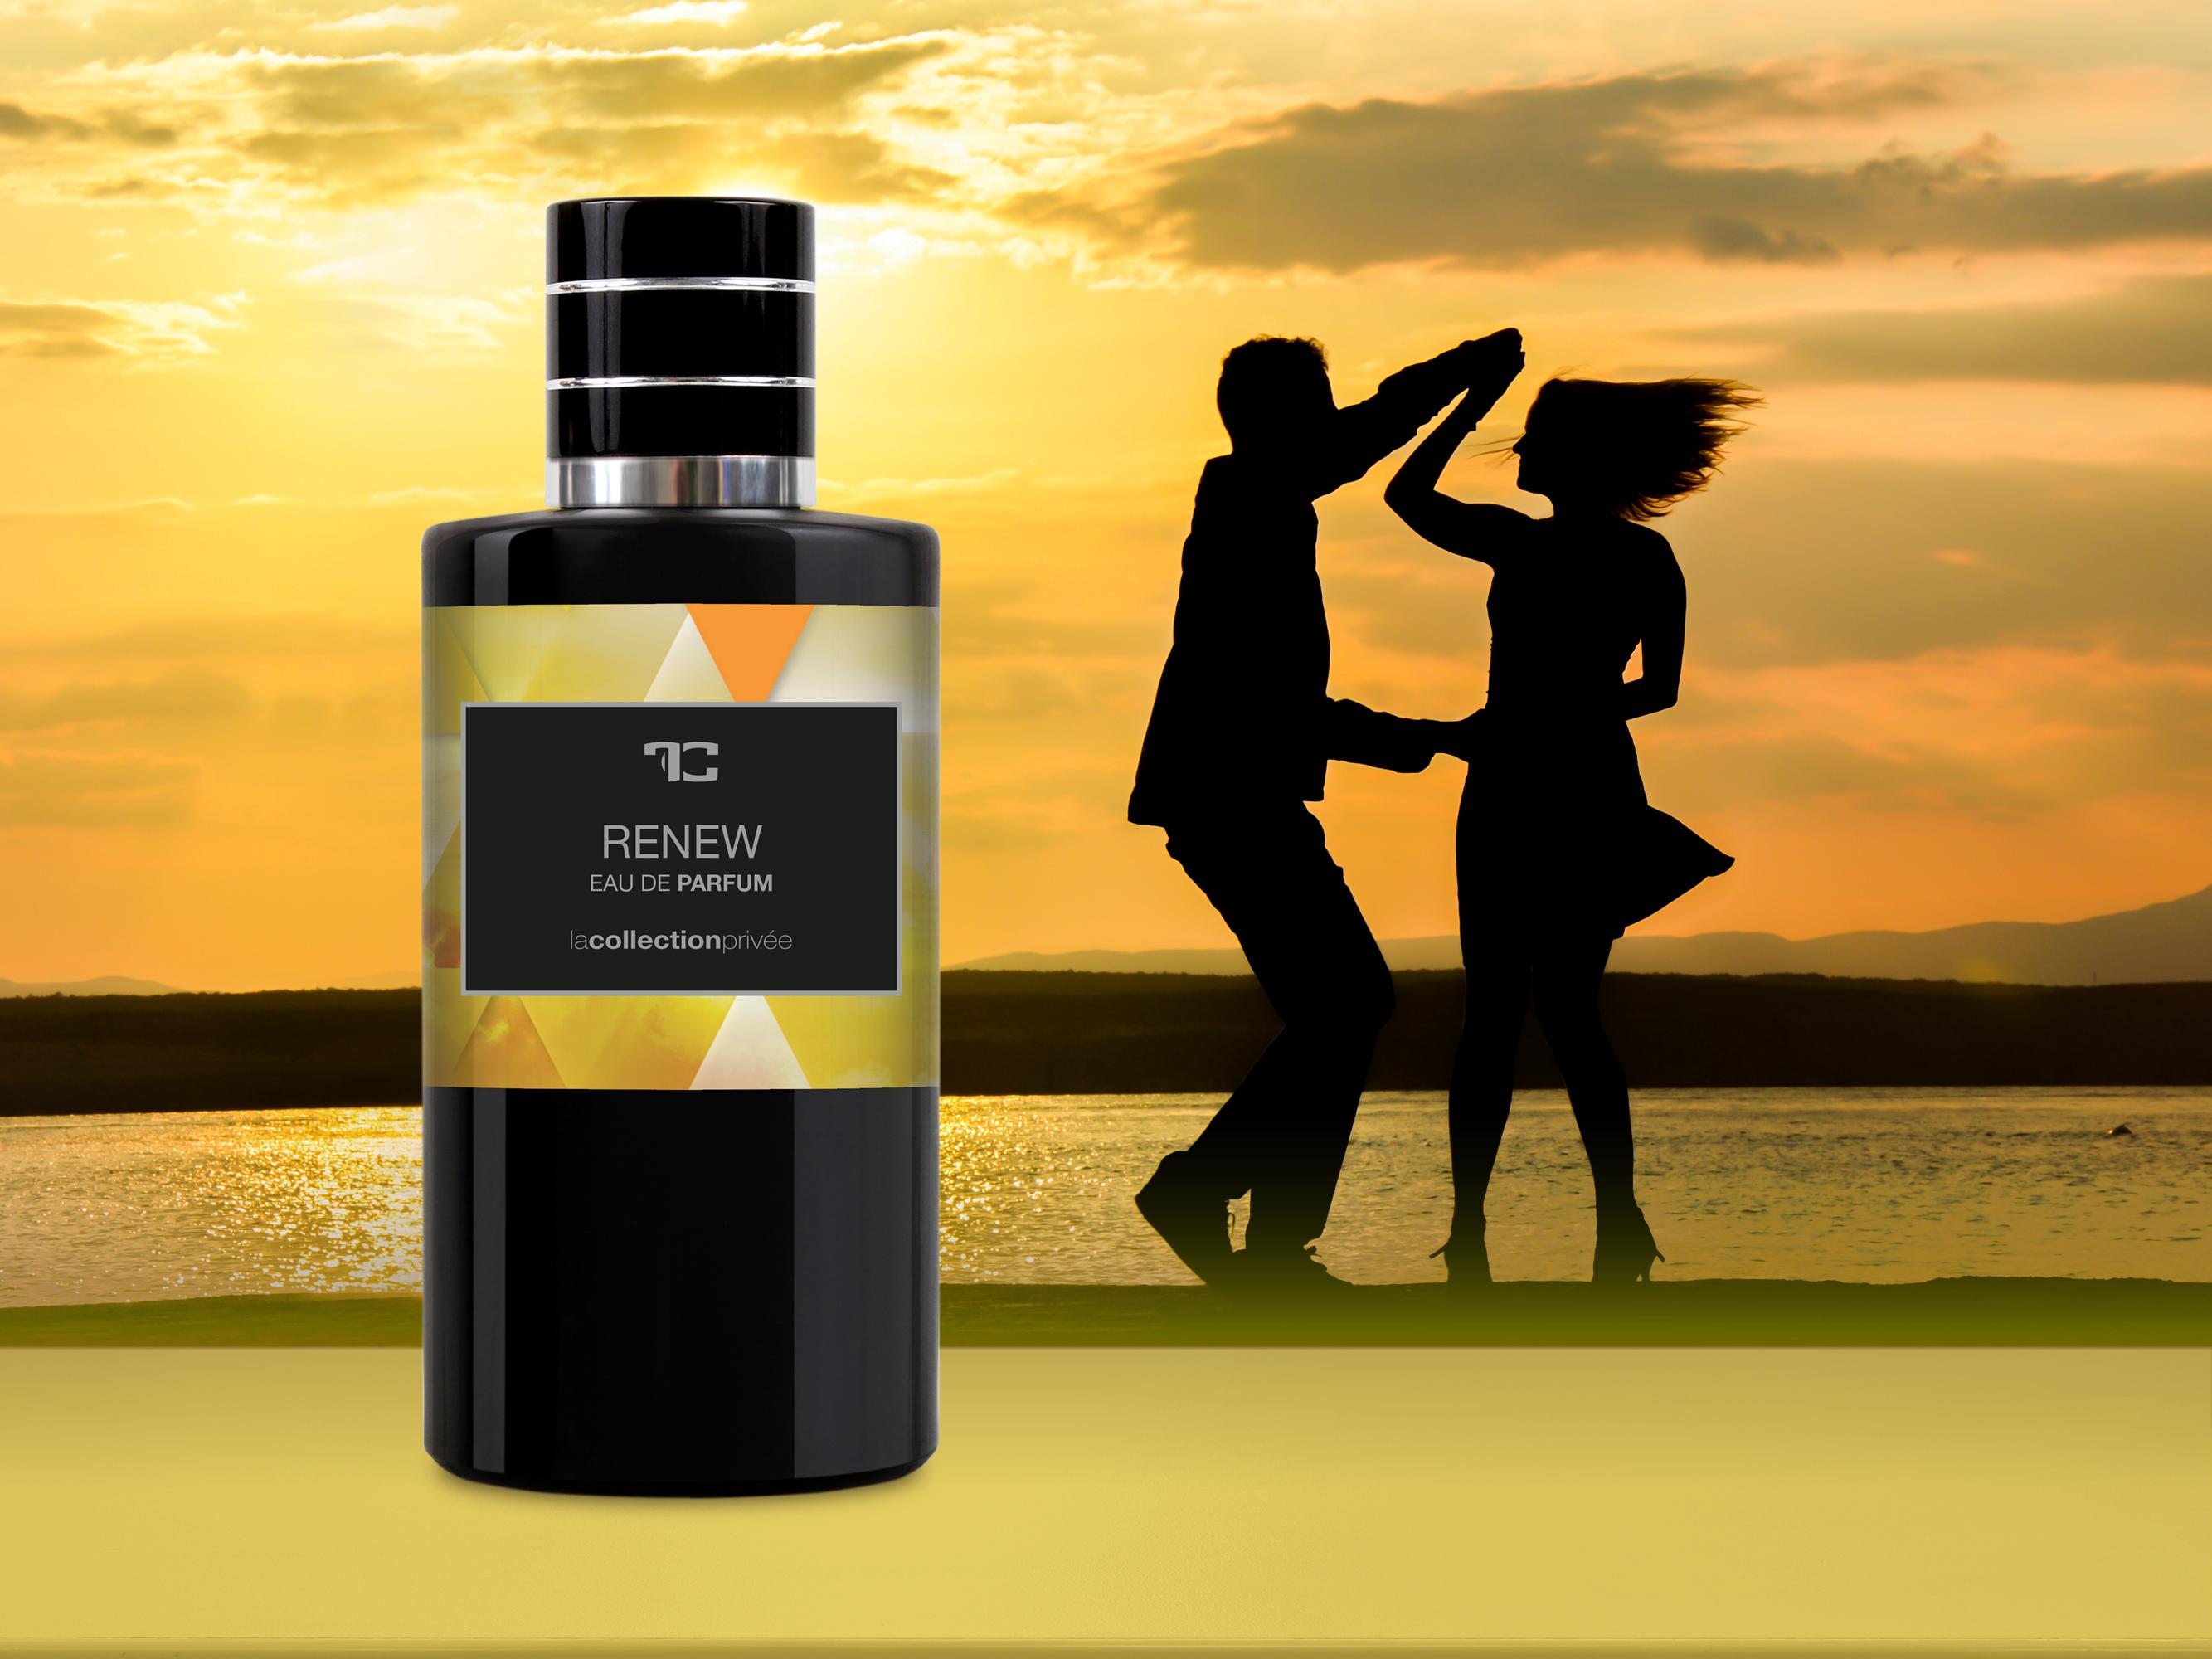 EAU DE PARFUM renew, parfémová voda, LA COLLECTION PRIVÉE